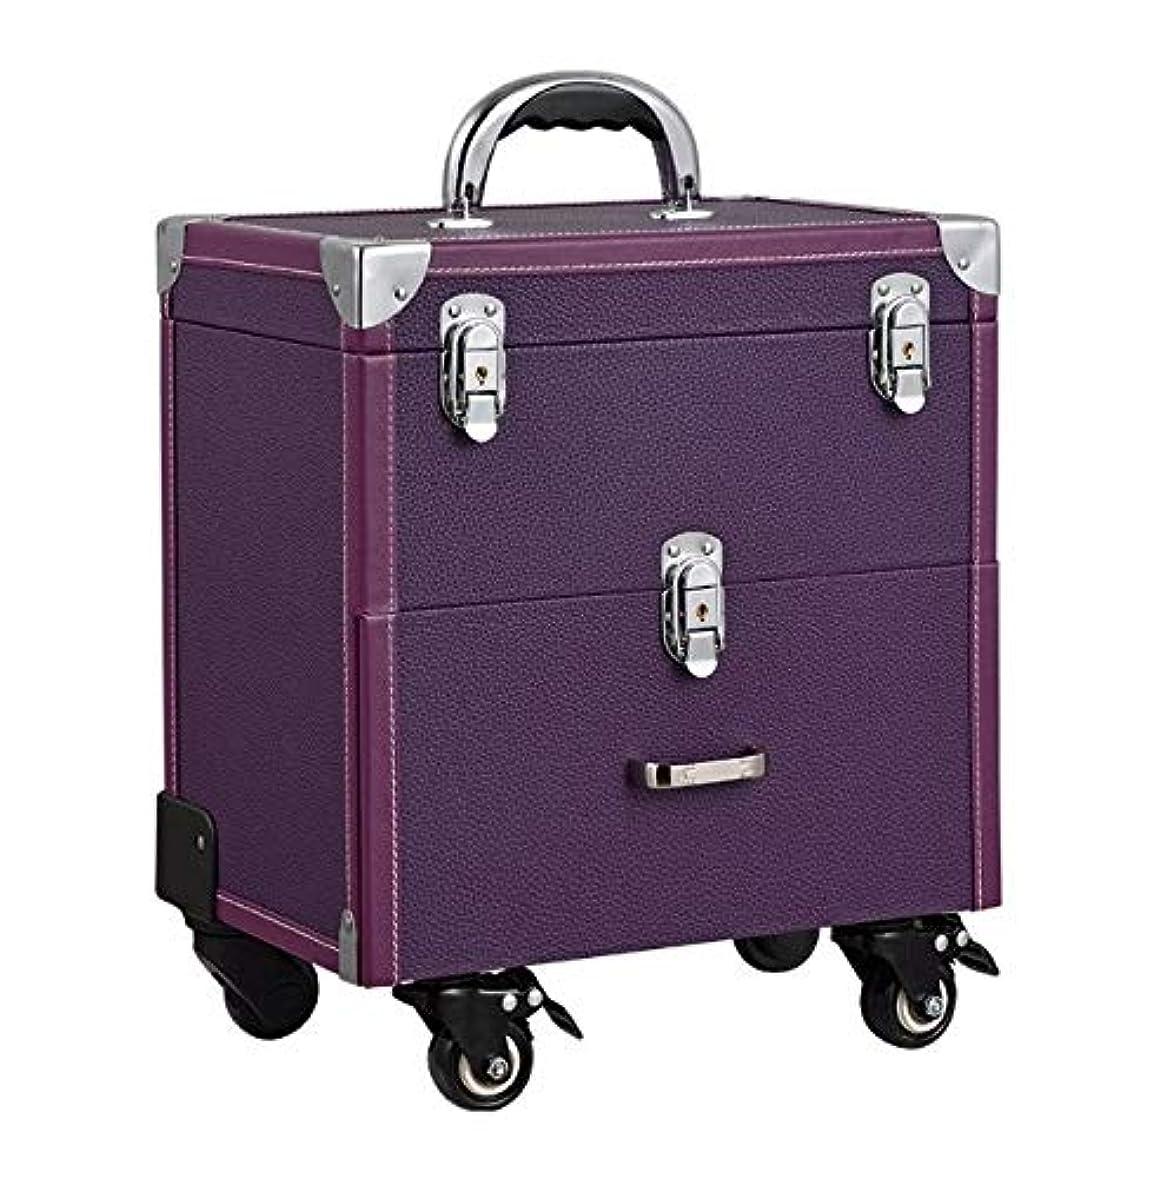 ワームネイティブなぜ化粧箱、大容量ダブルポール化粧品ケース、ポータブル旅行化粧品袋収納袋、美容化粧ネイルジュエリー収納ボックス (Color : Purple)